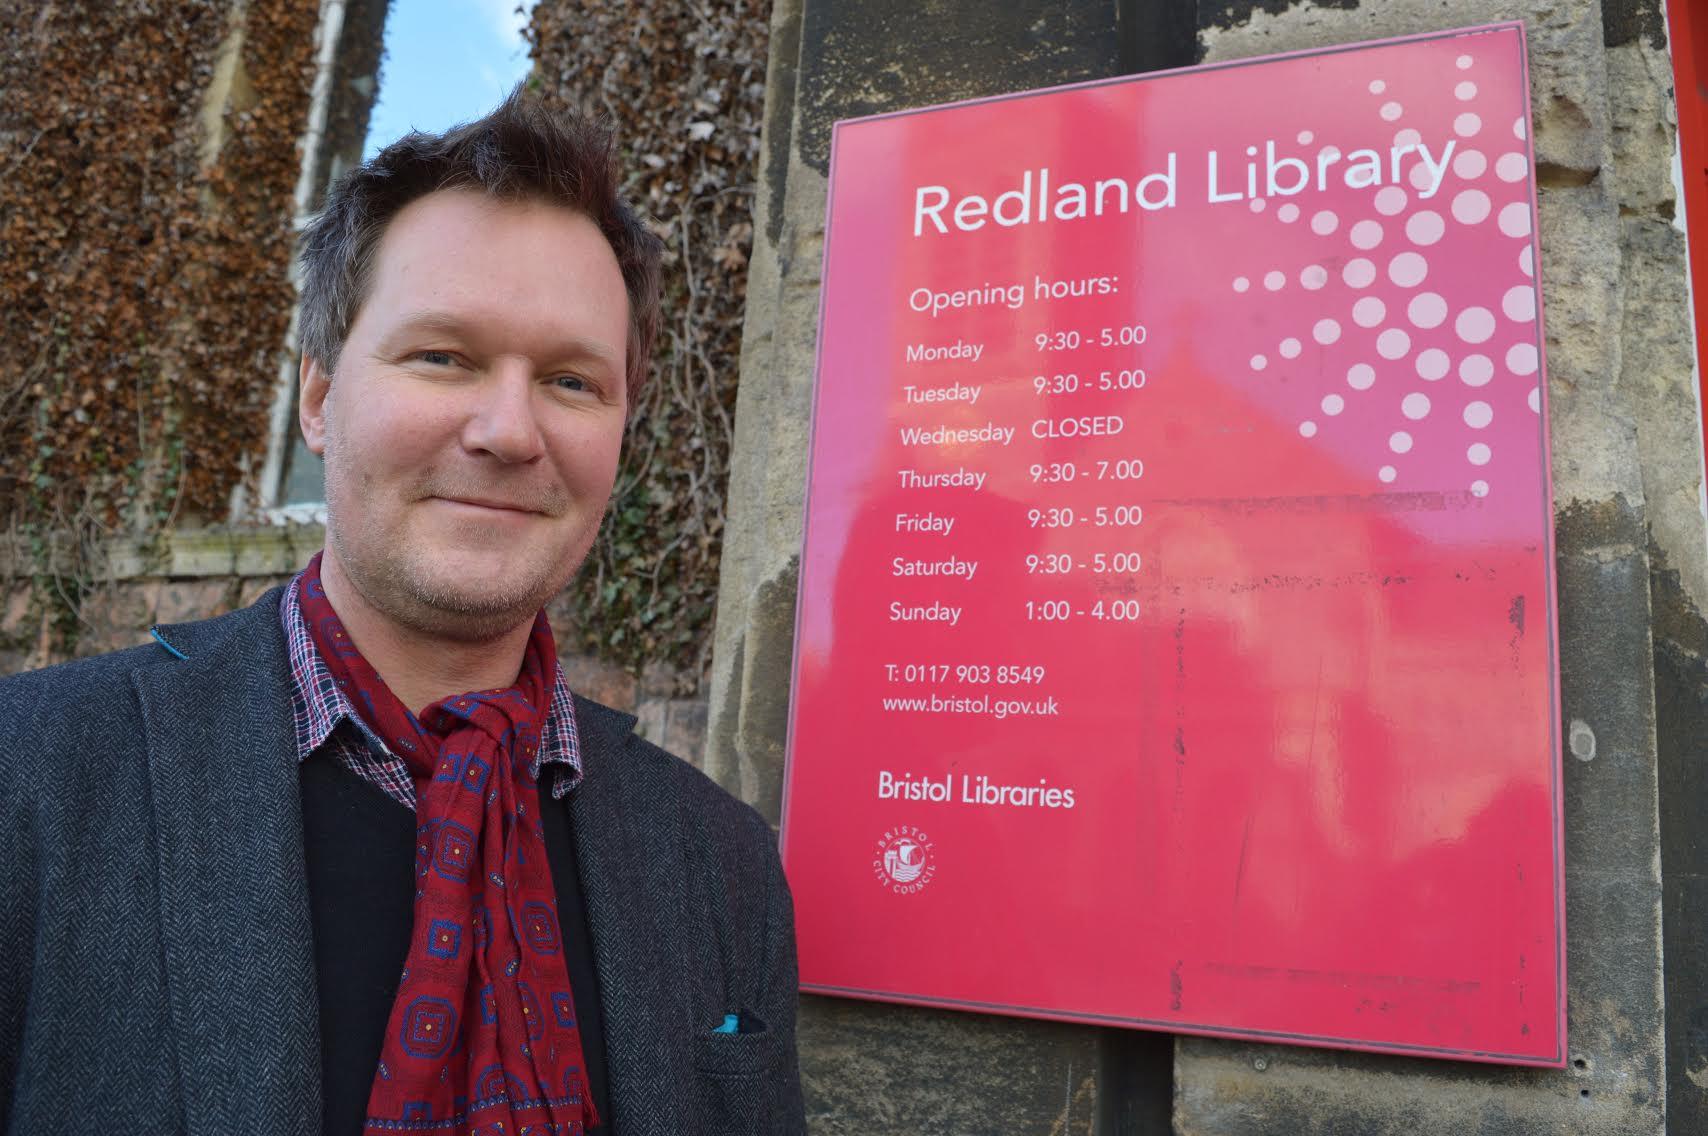 RedlandLibrary1.jpg